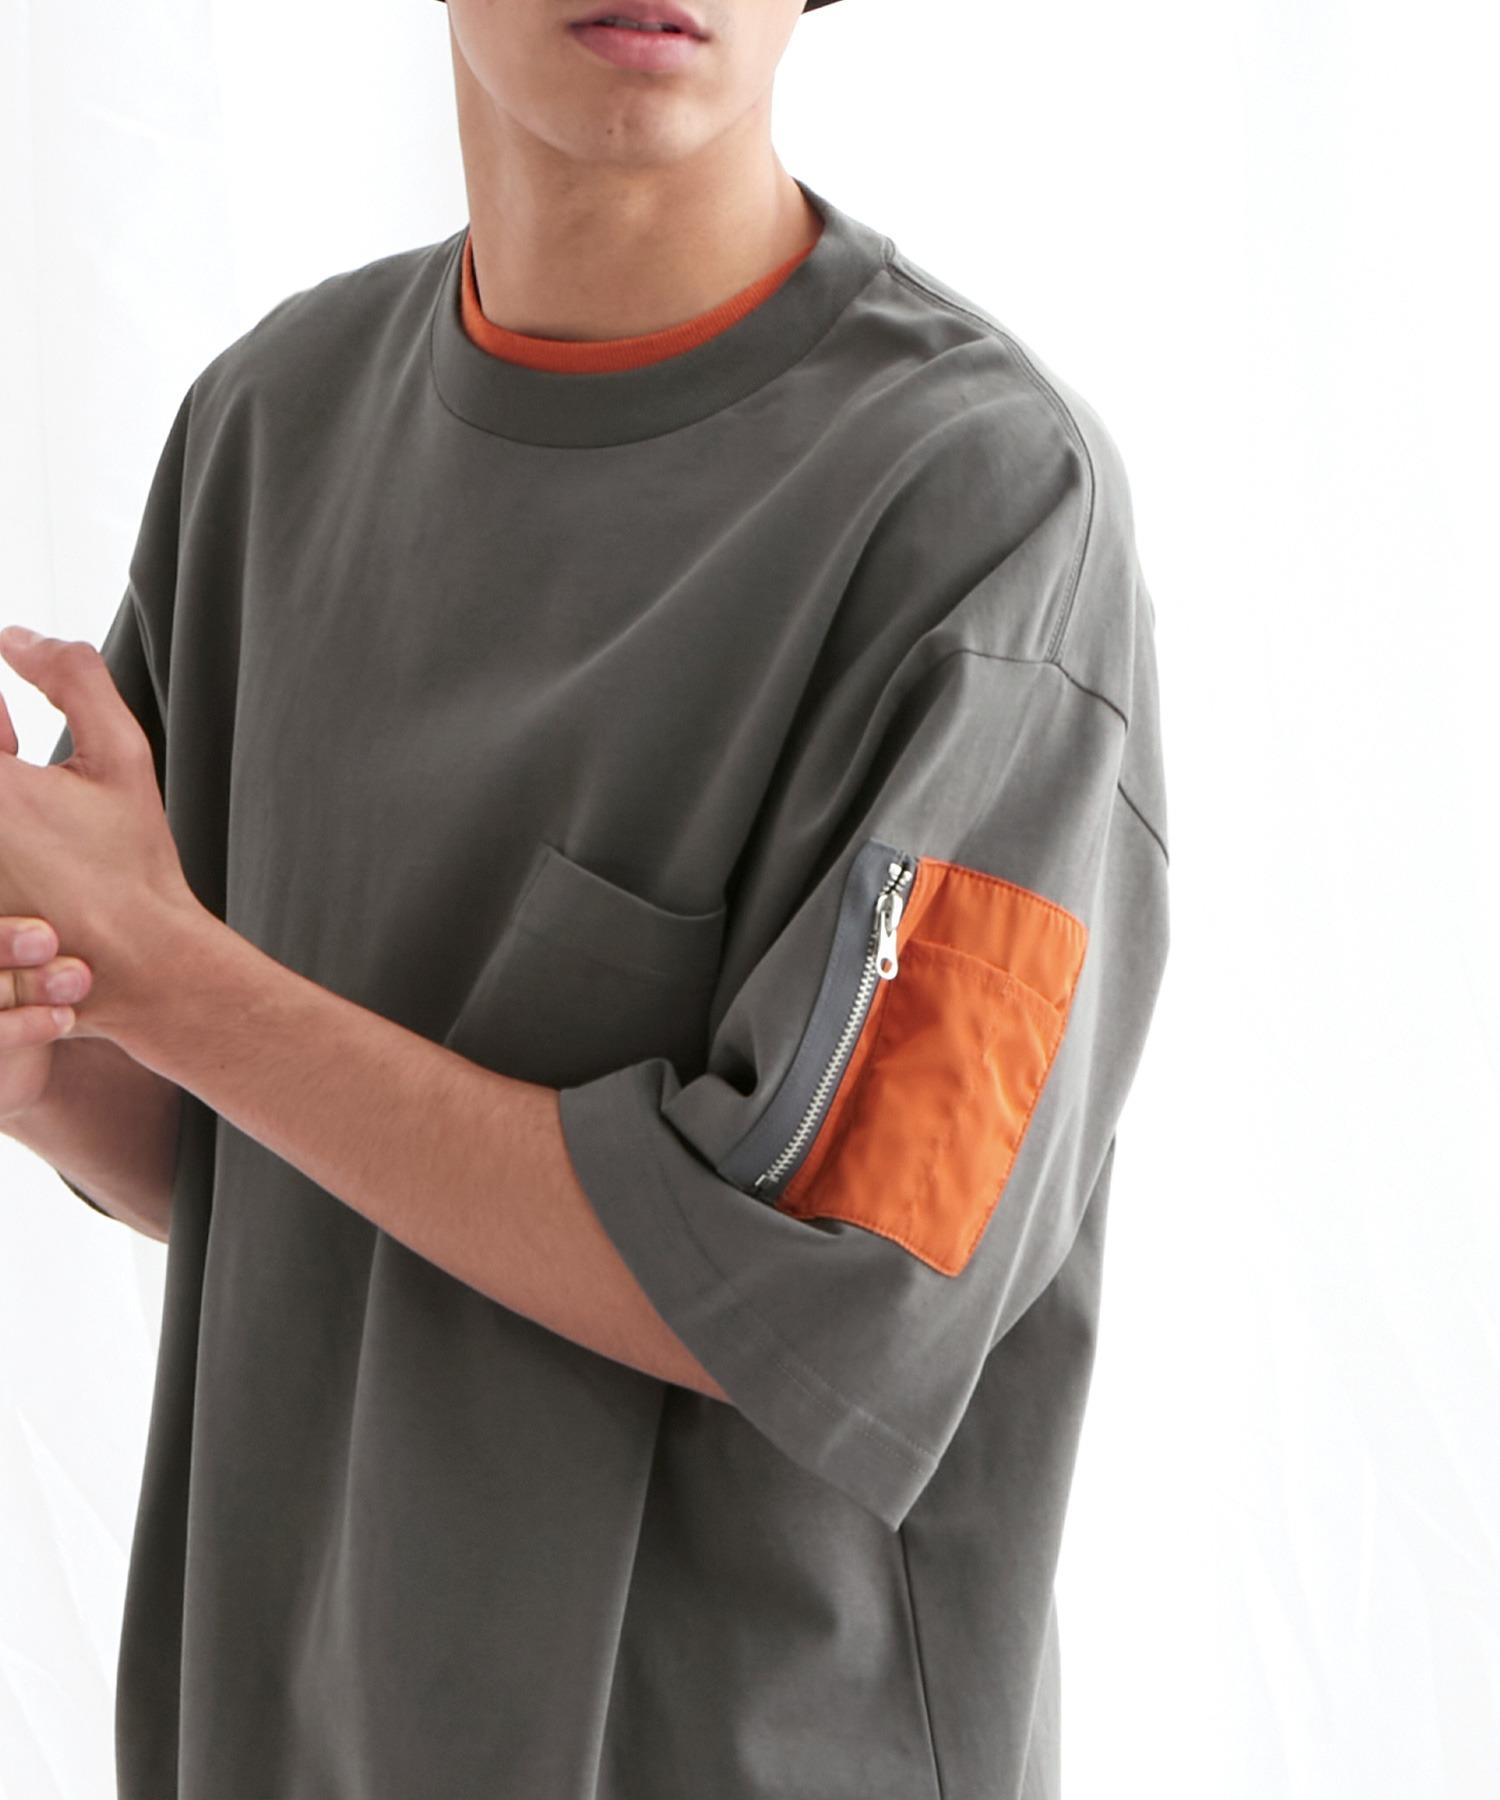 ユーティリティポケットS/Sカットソー【EMMA CLOTHES/エマクローズ】2021SS